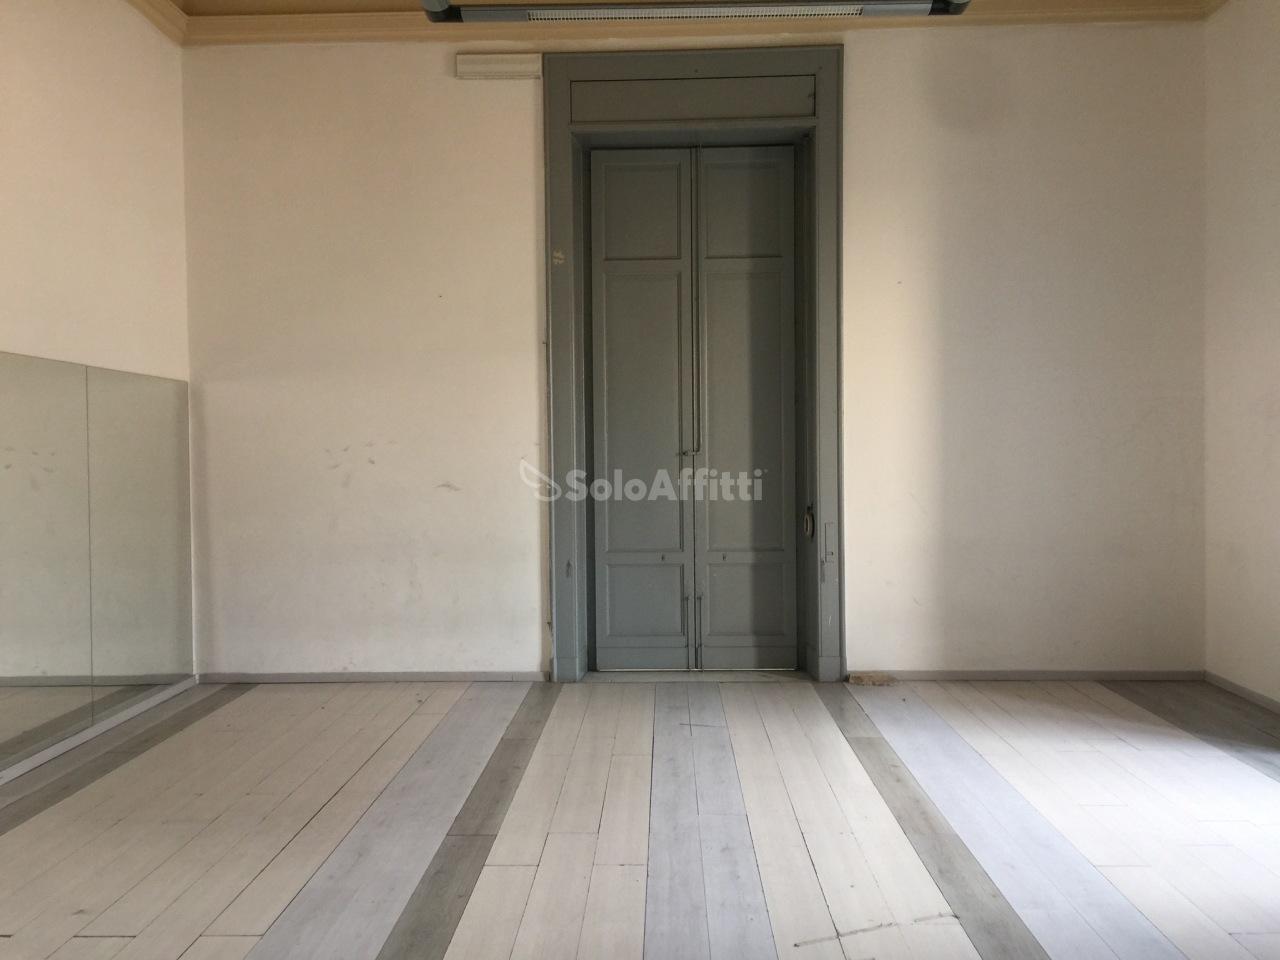 Appartamento - Altro a Via G. D'Annunzio, Catania